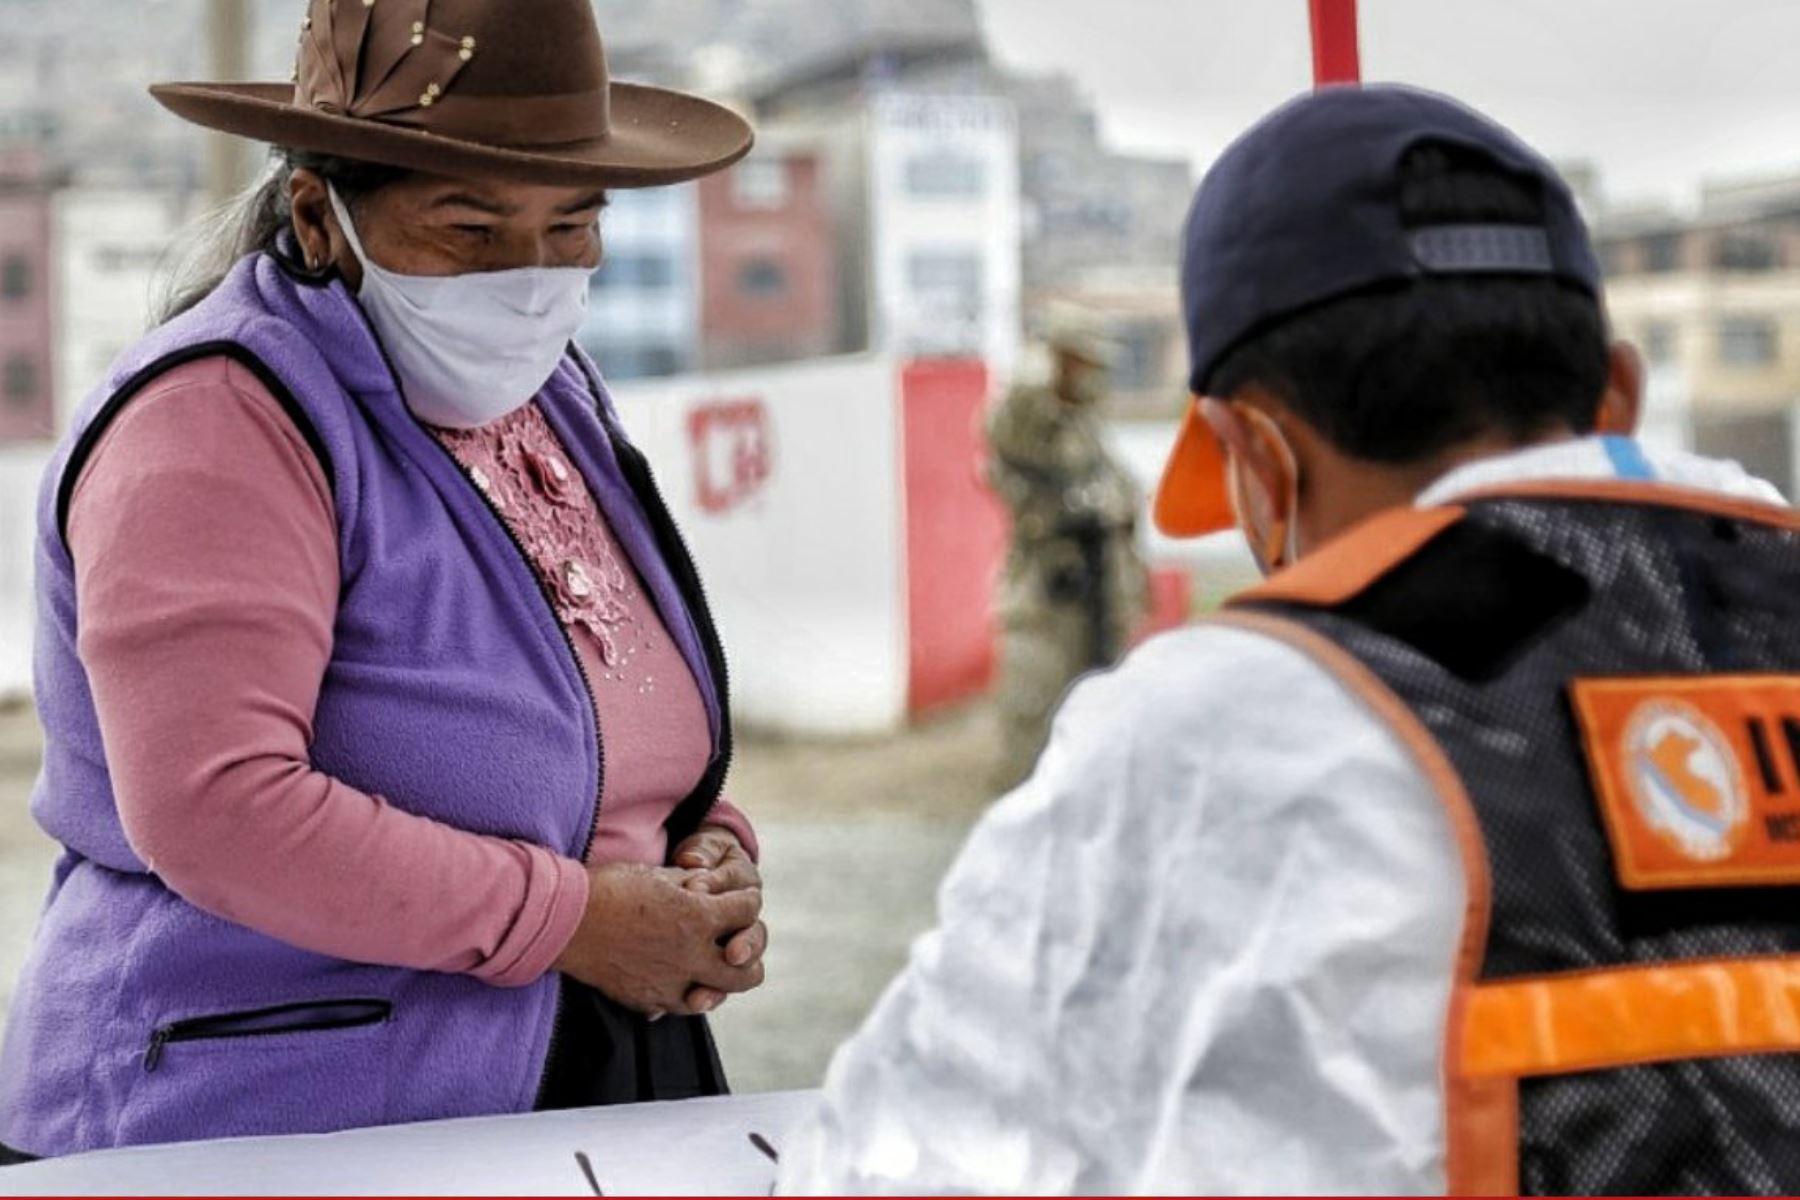 Indeci, PCM , Ejercito del Perú y Municipalidad del Rimac  entregan 3,464 kits de alimentos a familias con mayor vulnerabilidad ante la covid 19 de acuerdo al D.U. N° 068-2020,  la entrega se realizó en el Estadio Alejandro Villanueva en el Rímac Foto: Indeci